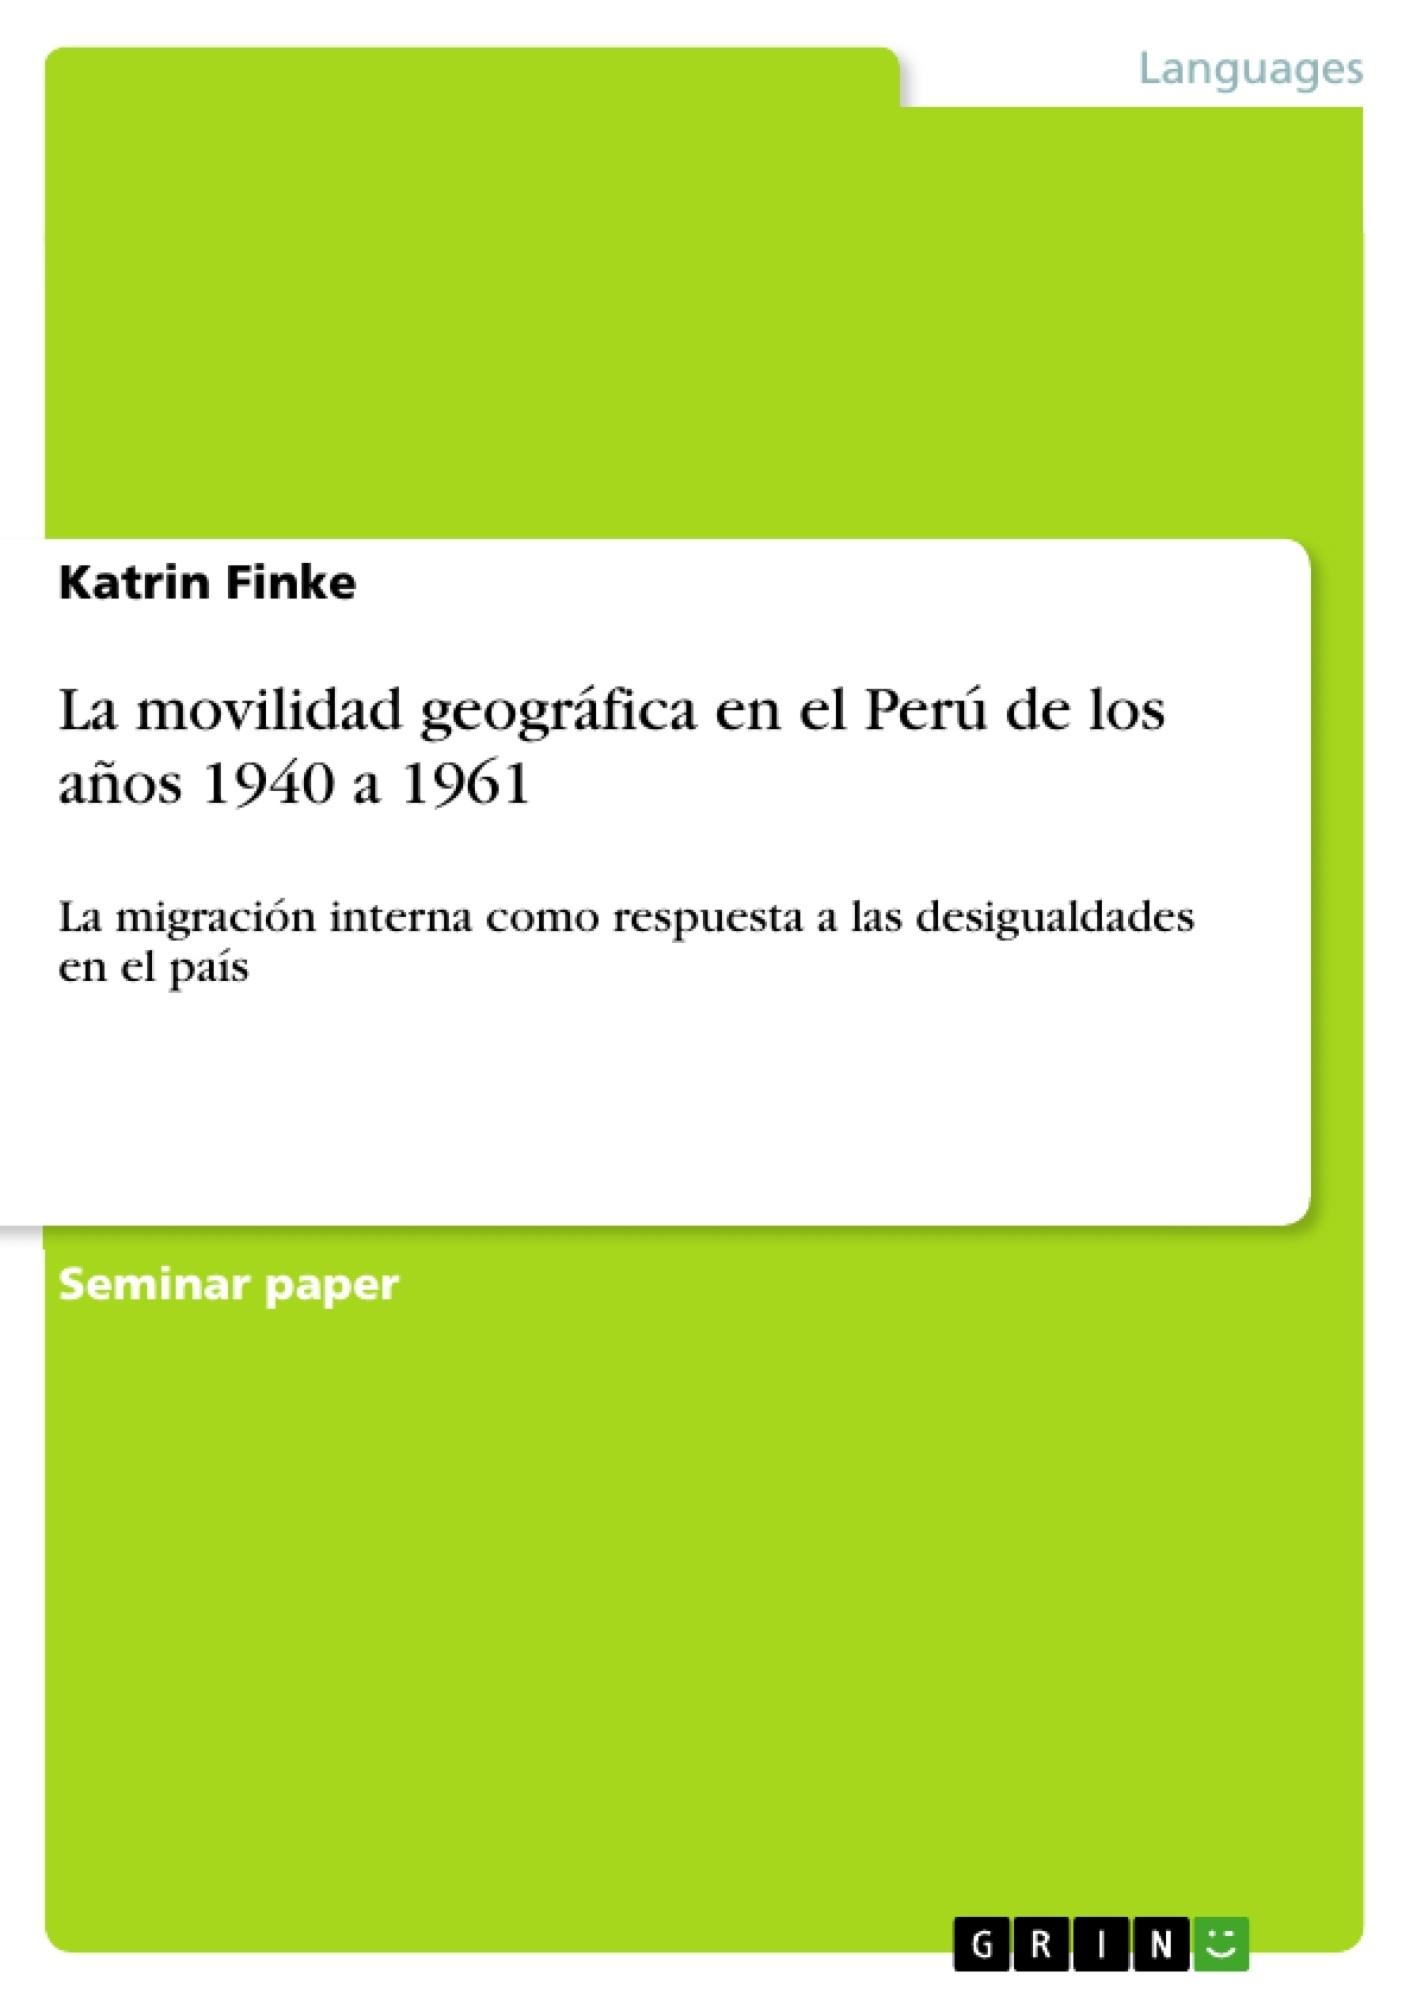 Título: La movilidad geográfica en el Perú de los años 1940 a 1961